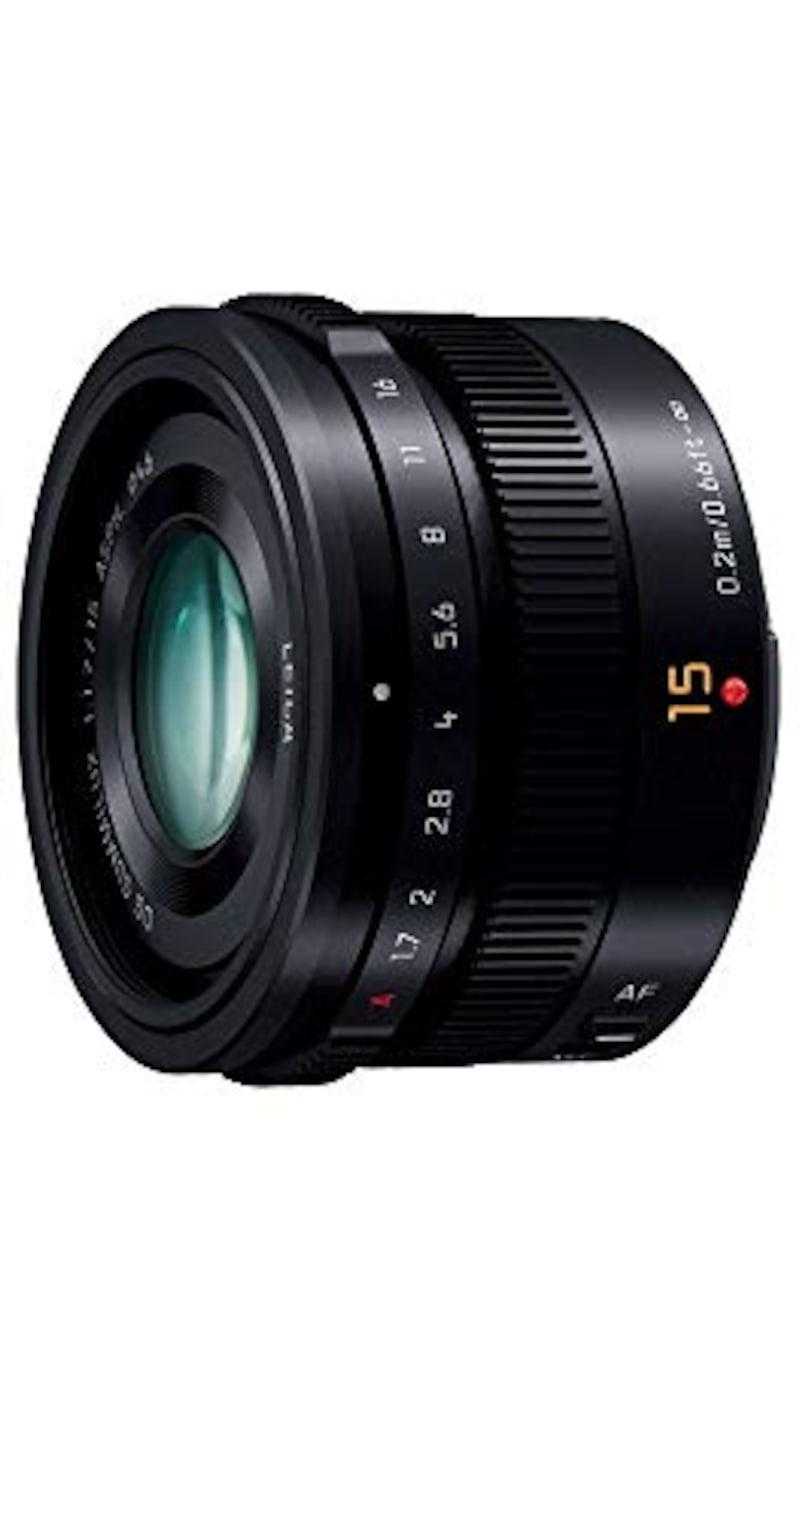 Panasonic,単焦点 広角レンズ マイクロフォーサーズ用 ライカ DG SUMMILUX 15mm/F1.7 ASPH. ブラック H-X015-K